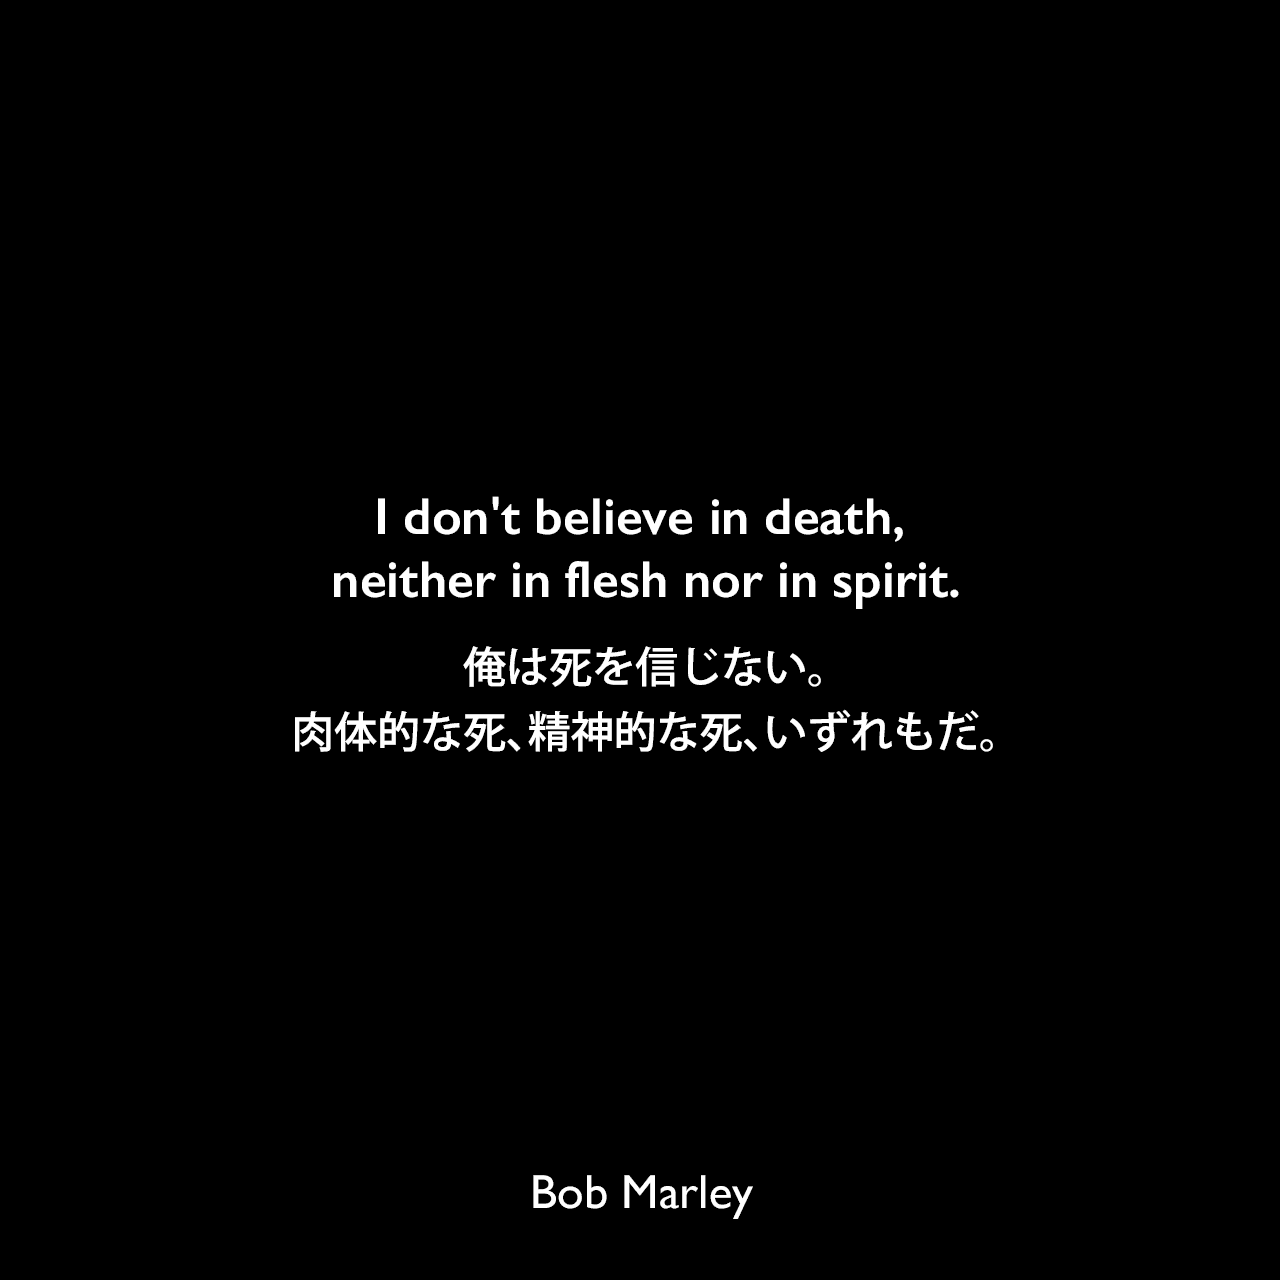 ボブマーリー 死因